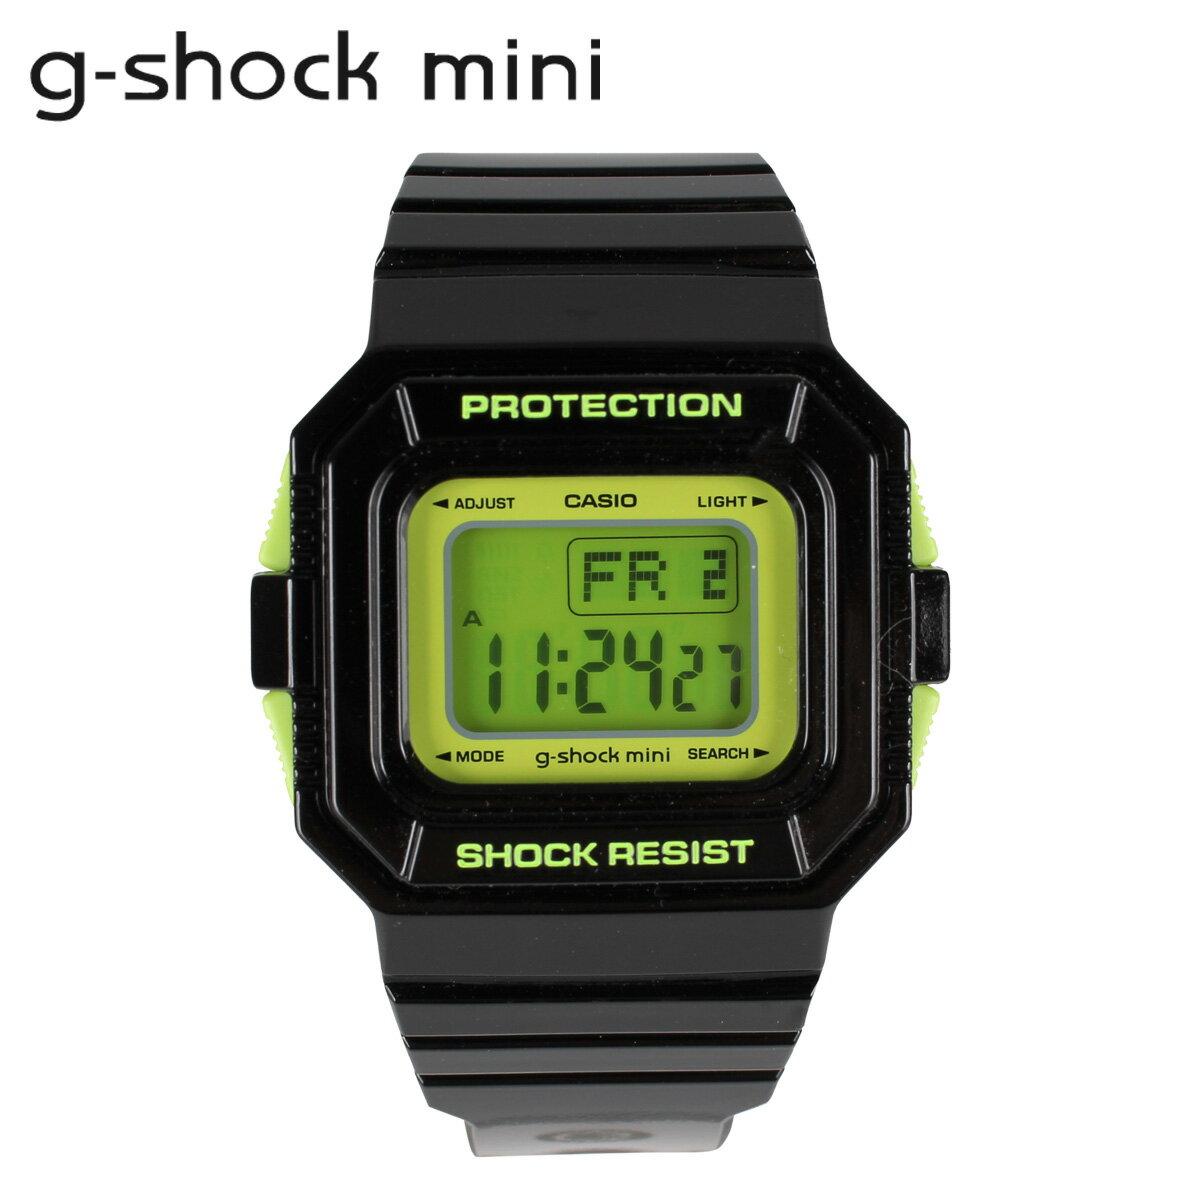 腕時計, レディース腕時計 600OFF CASIO g-shock mini GMN-550-1CJR G G-